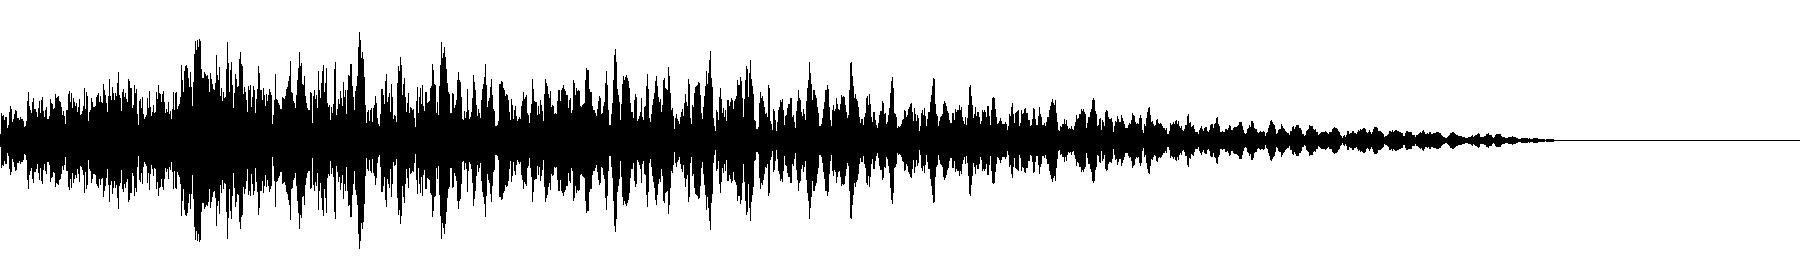 Dramatic Bass Drop | Sample Focus